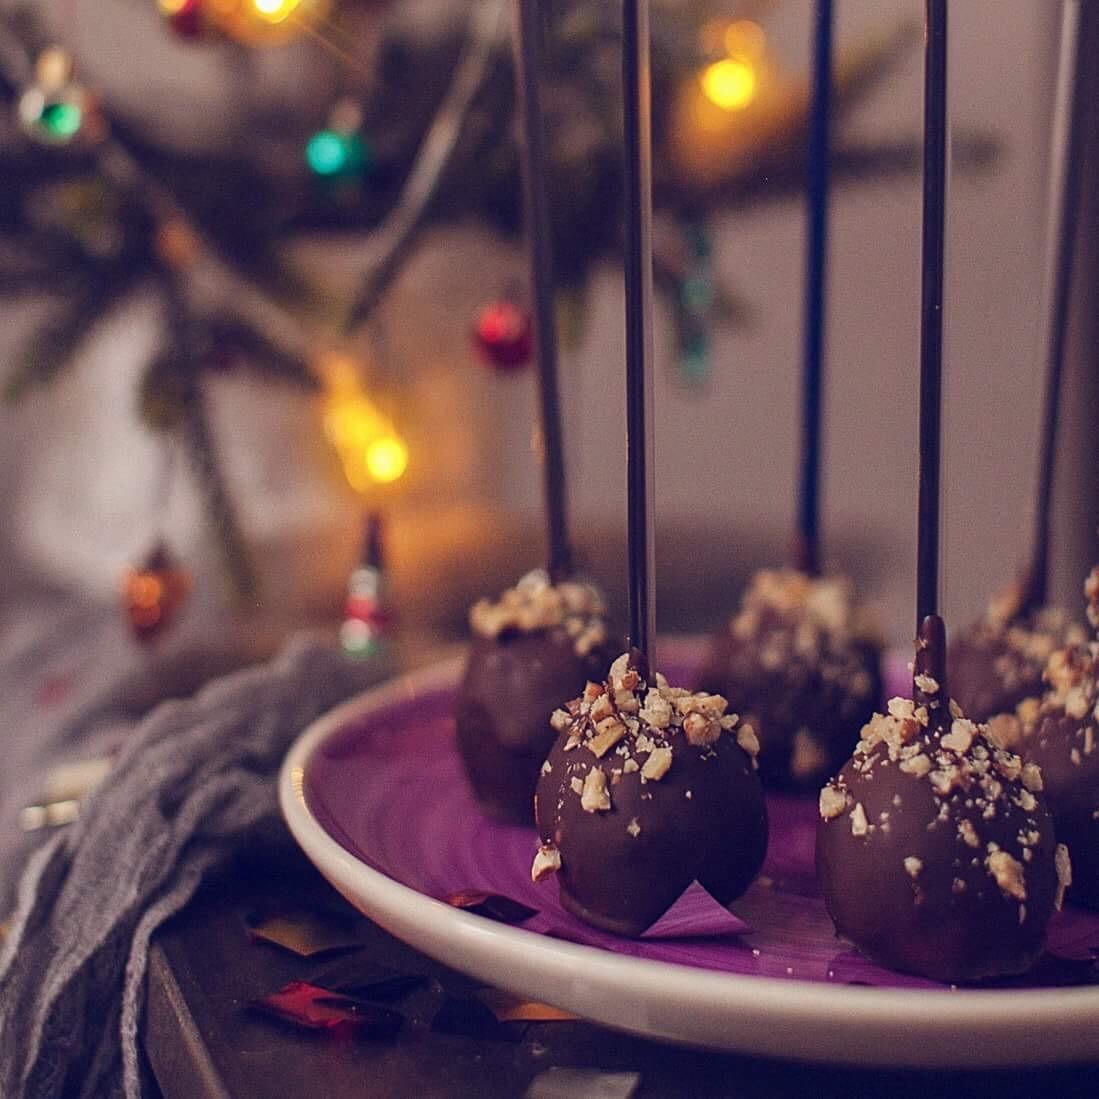 шоколадные кейк-попсы, меню новогоднего стола 2017 рецепты